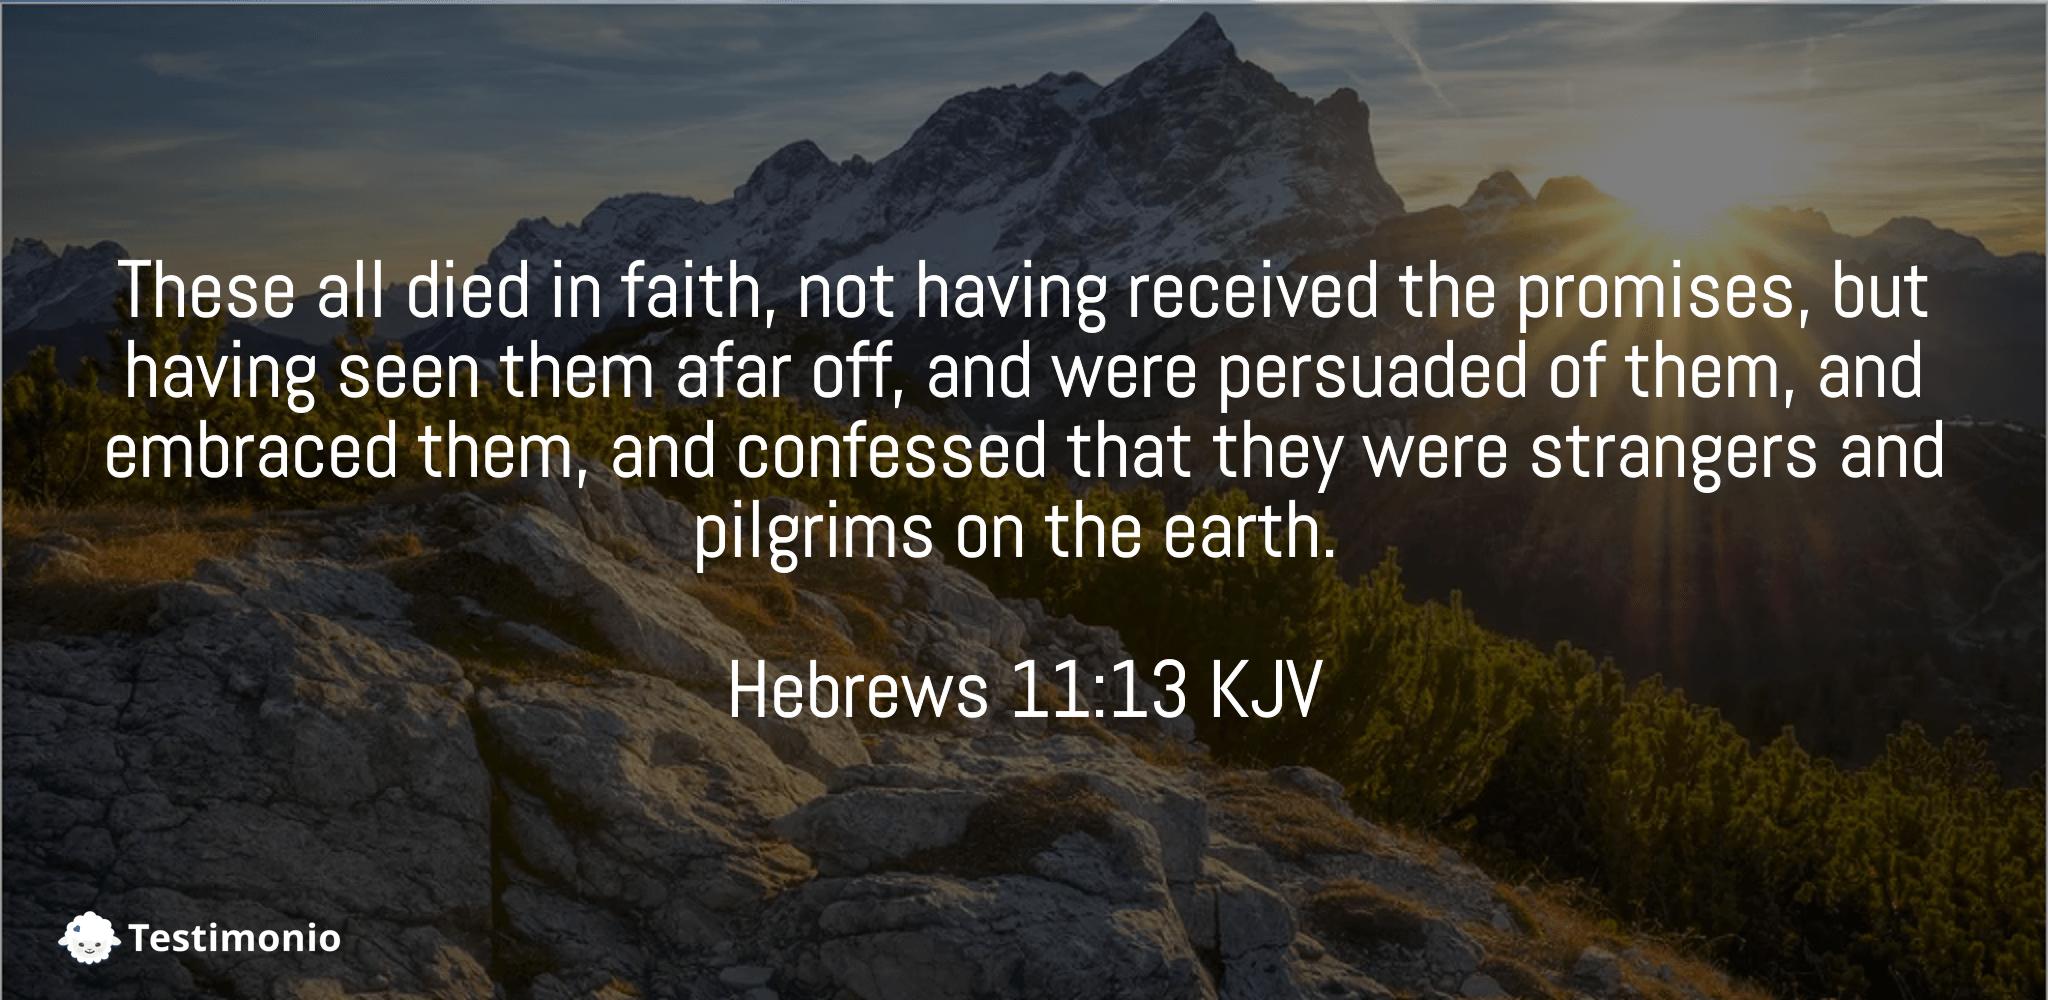 Hebrews 11:13